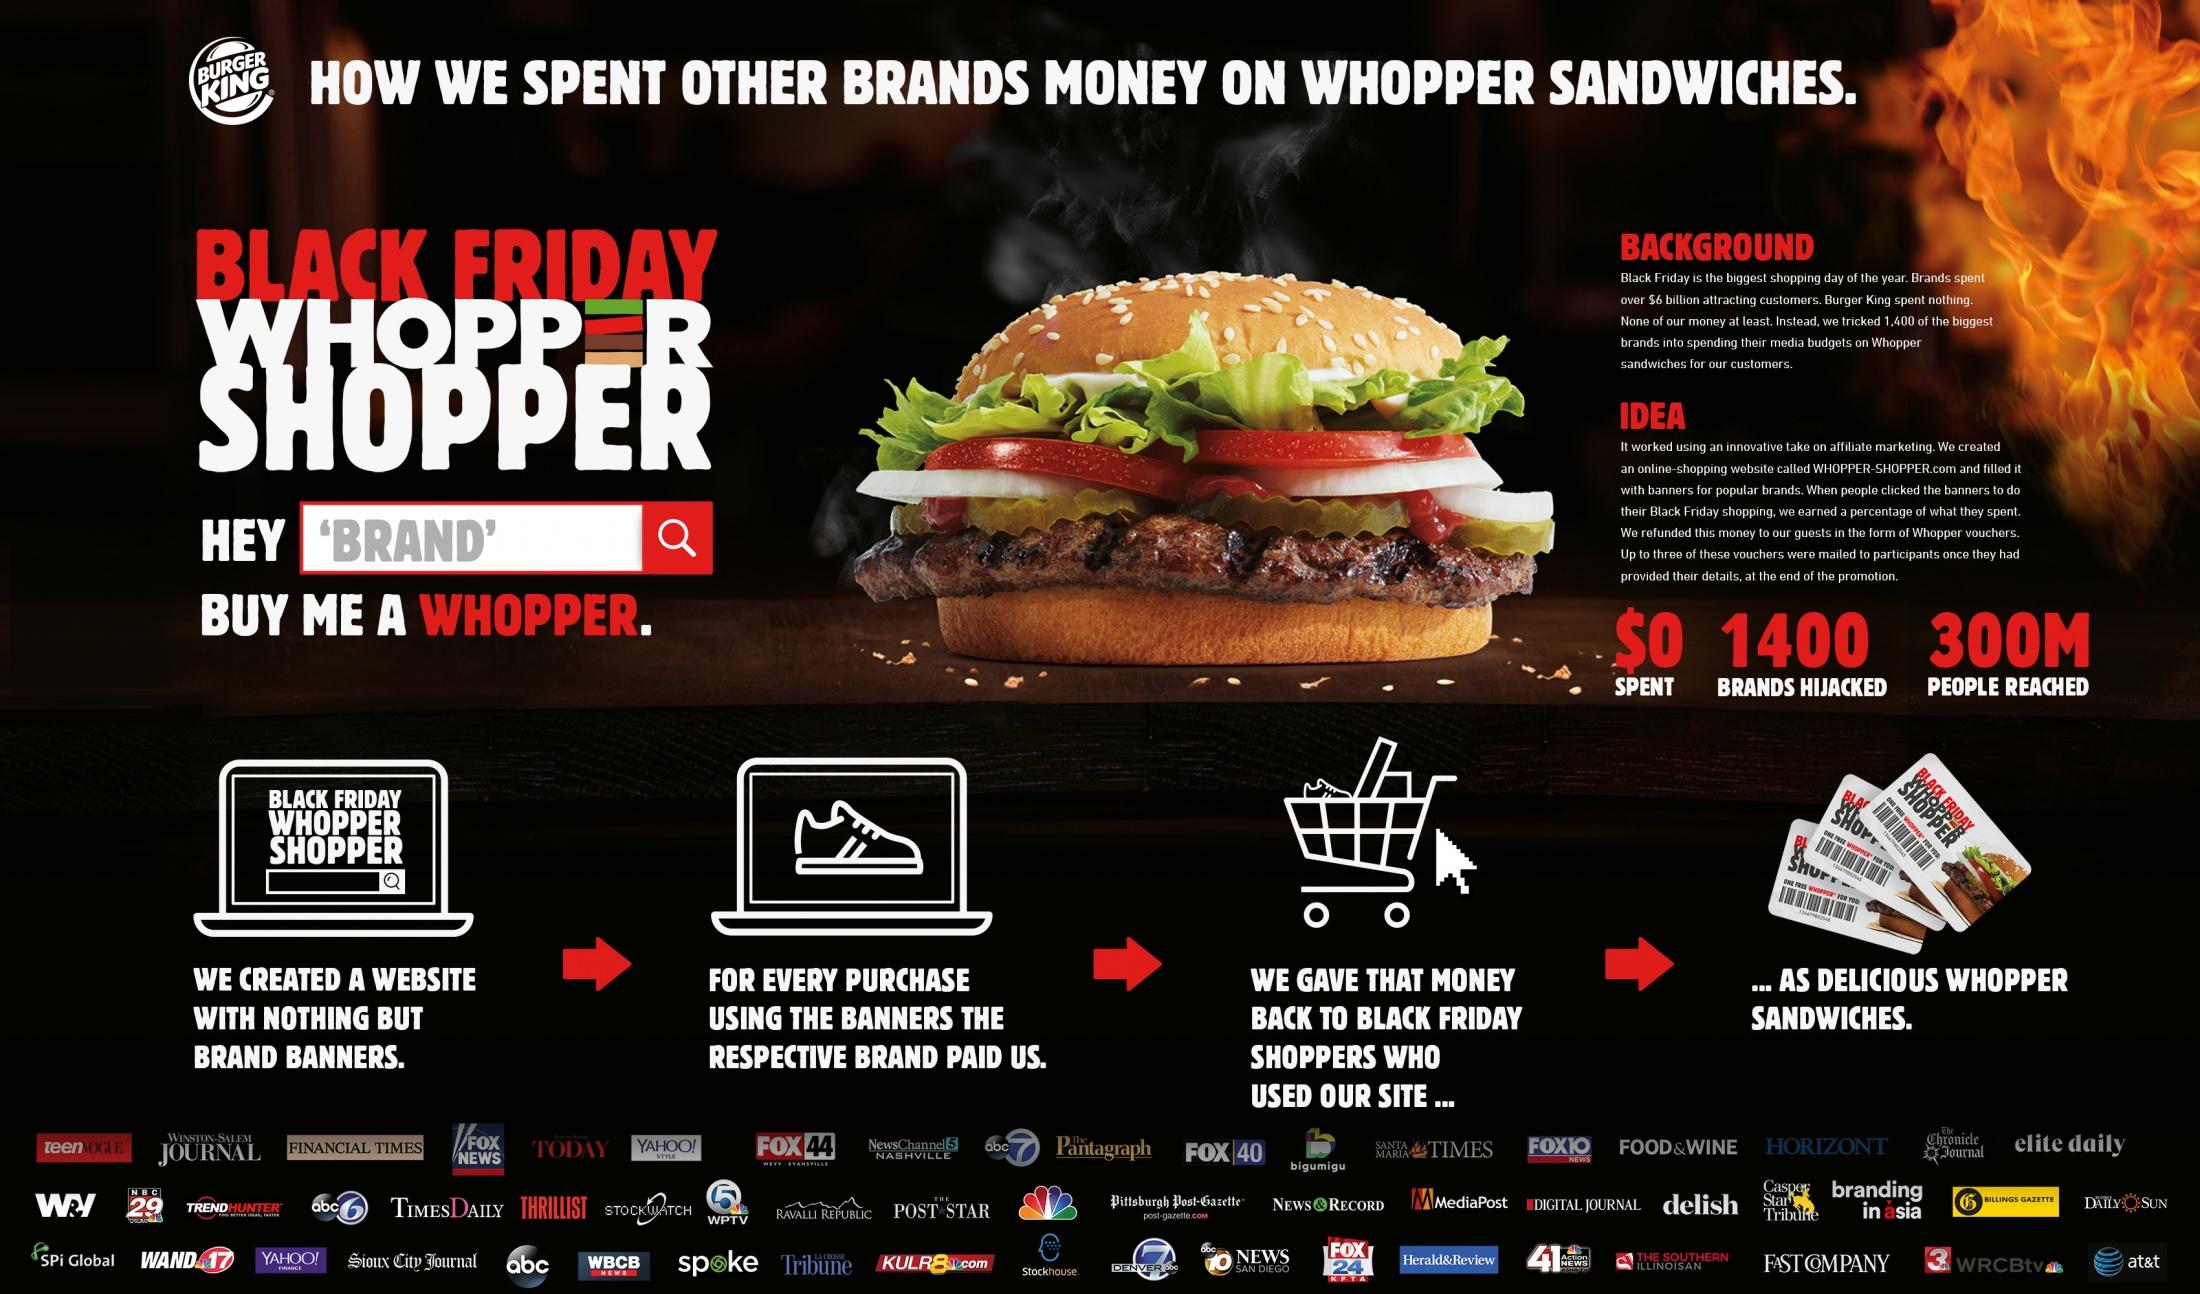 Thumbnail for Black Friday Whopper Shopper